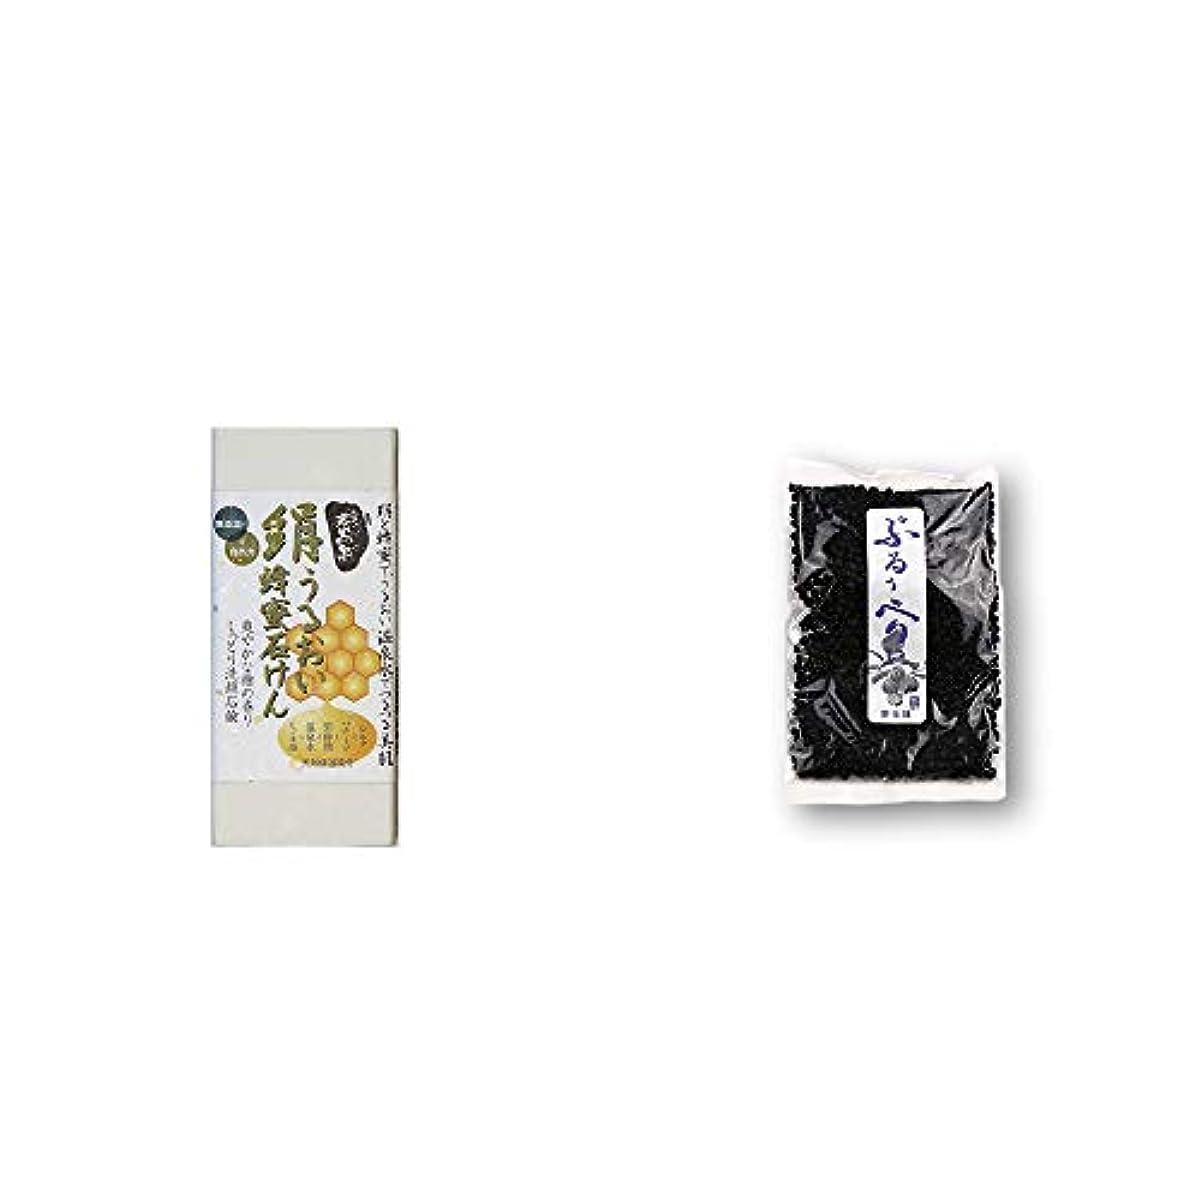 したいスライス申し立て[2点セット] ひのき炭黒泉 絹うるおい蜂蜜石けん(75g×2)?野生種ぶるぅべりぃ(260g)